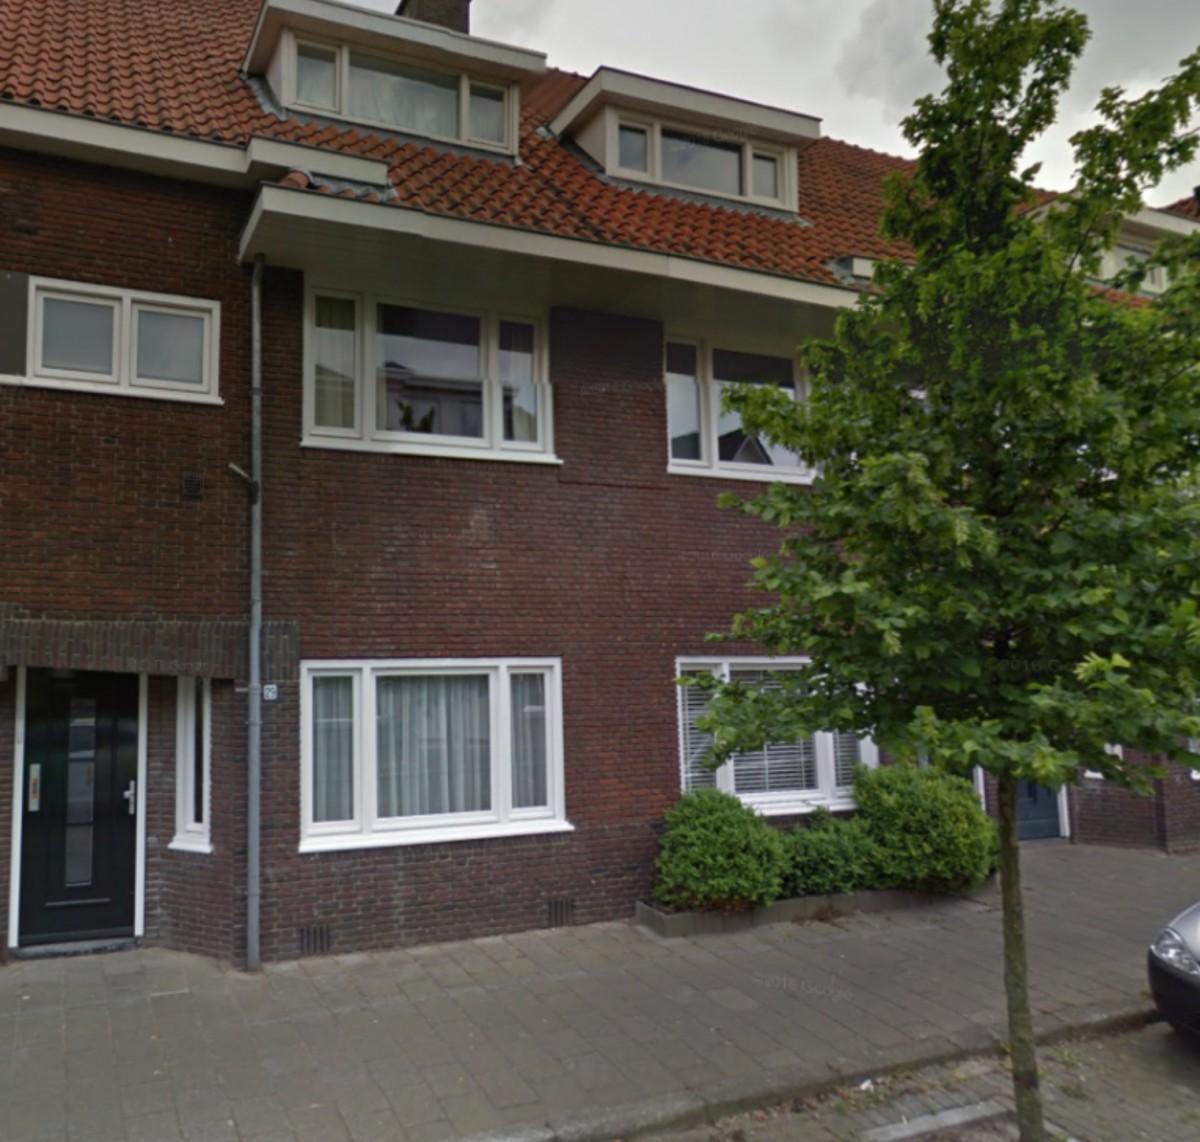 Julianastraat 29 Eindhoven – bovenverdieping + zolder